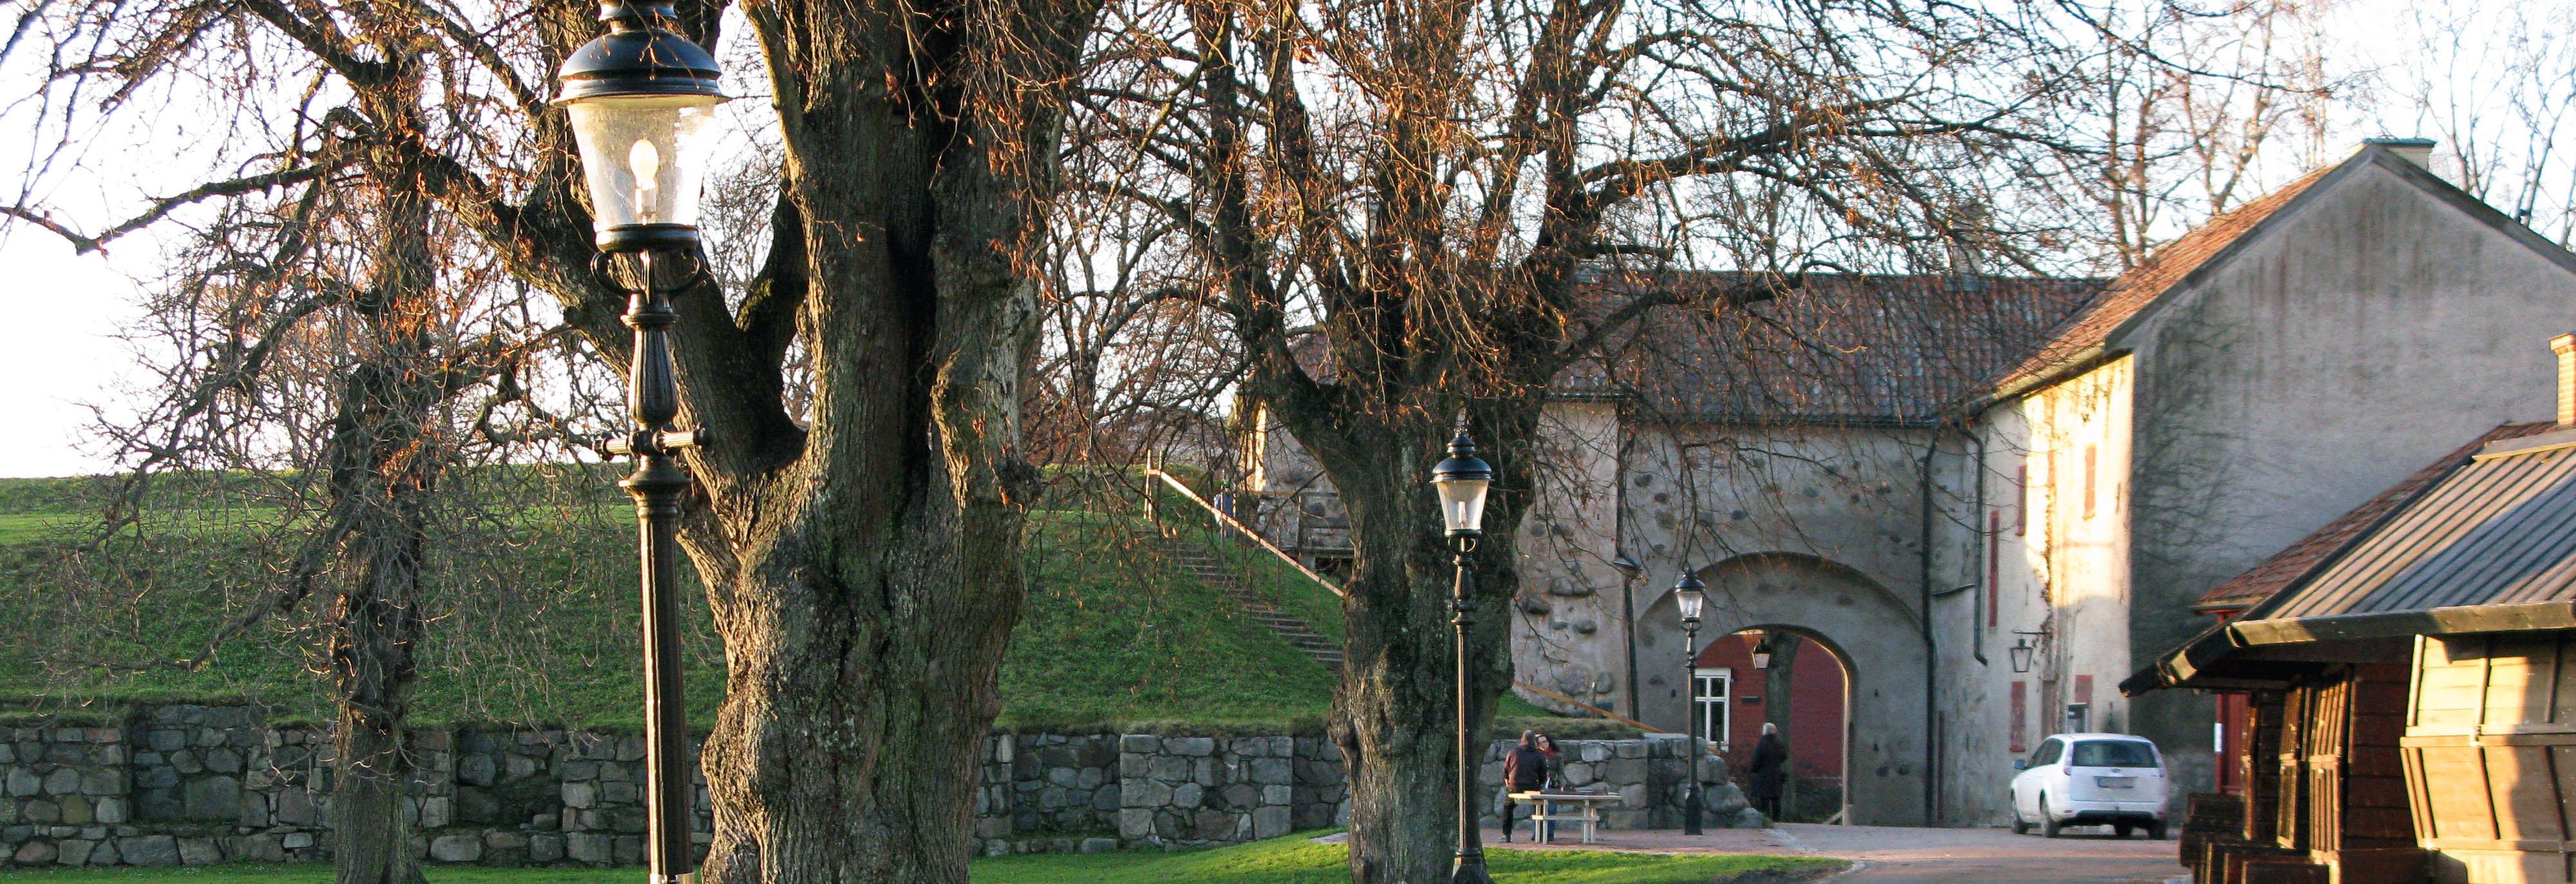 Kungslyktan samt stolpe i gjutjärn, Nyköpingshus